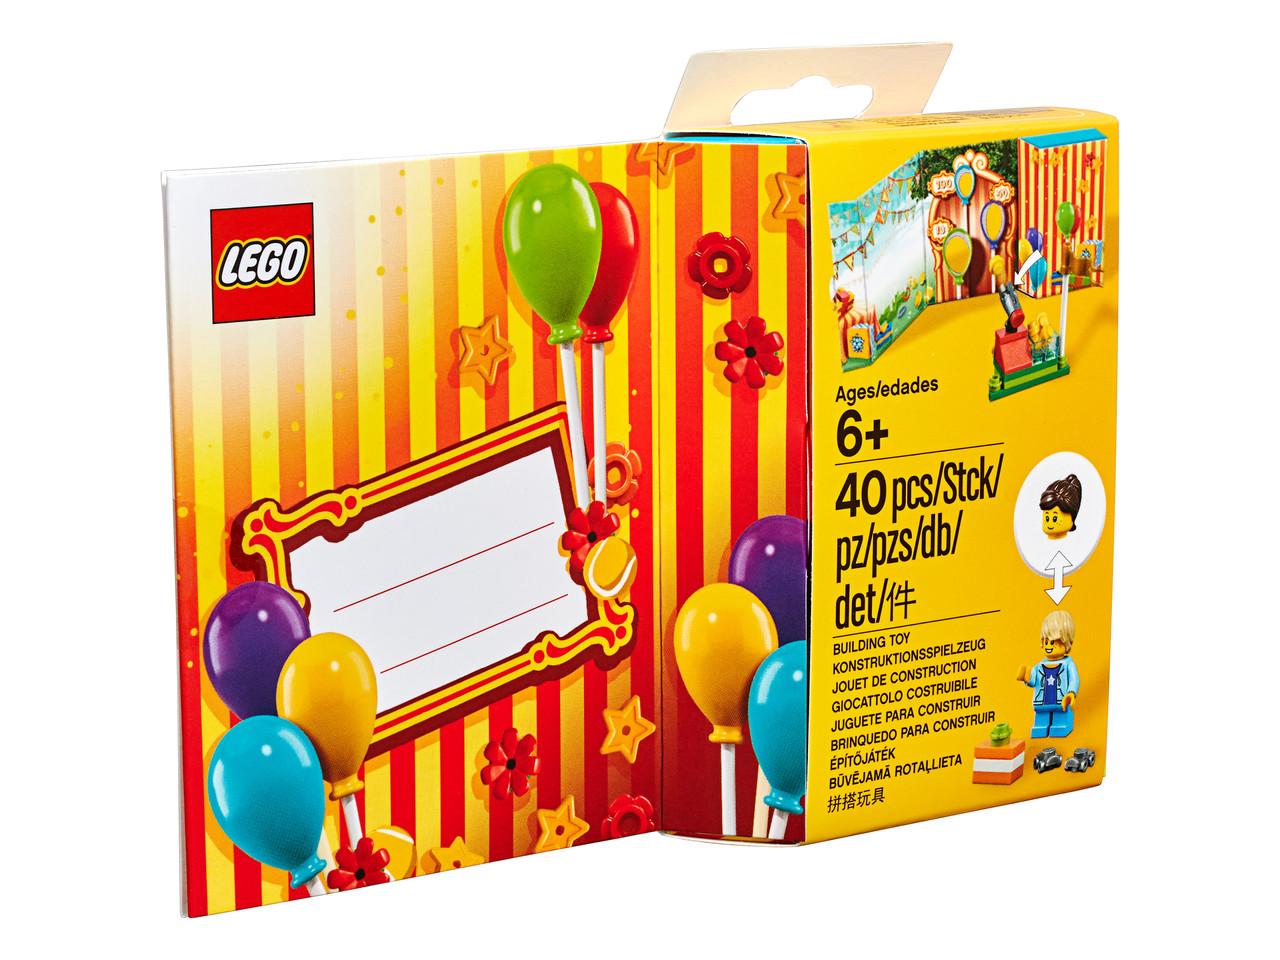 Lego Iconic Вітальна листівка 853906